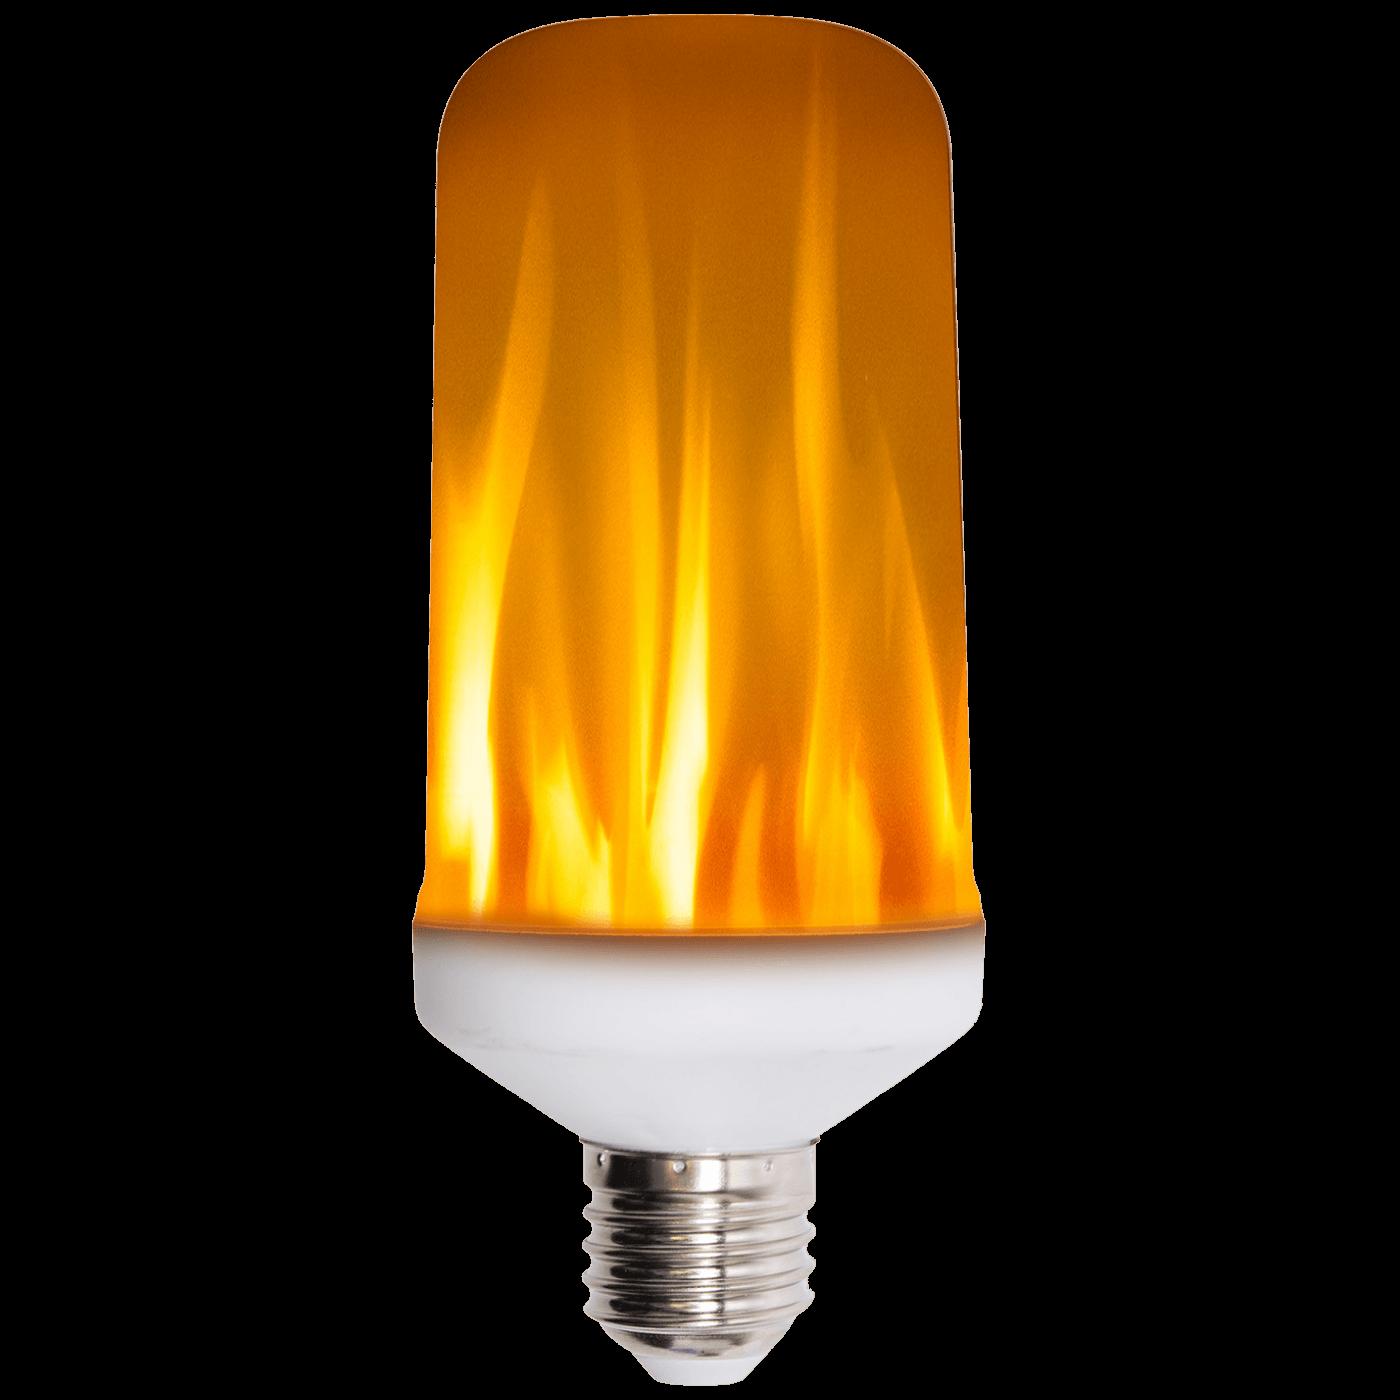 Sijalica,LED, 3in1, E27, 220V AC, efekt baklje